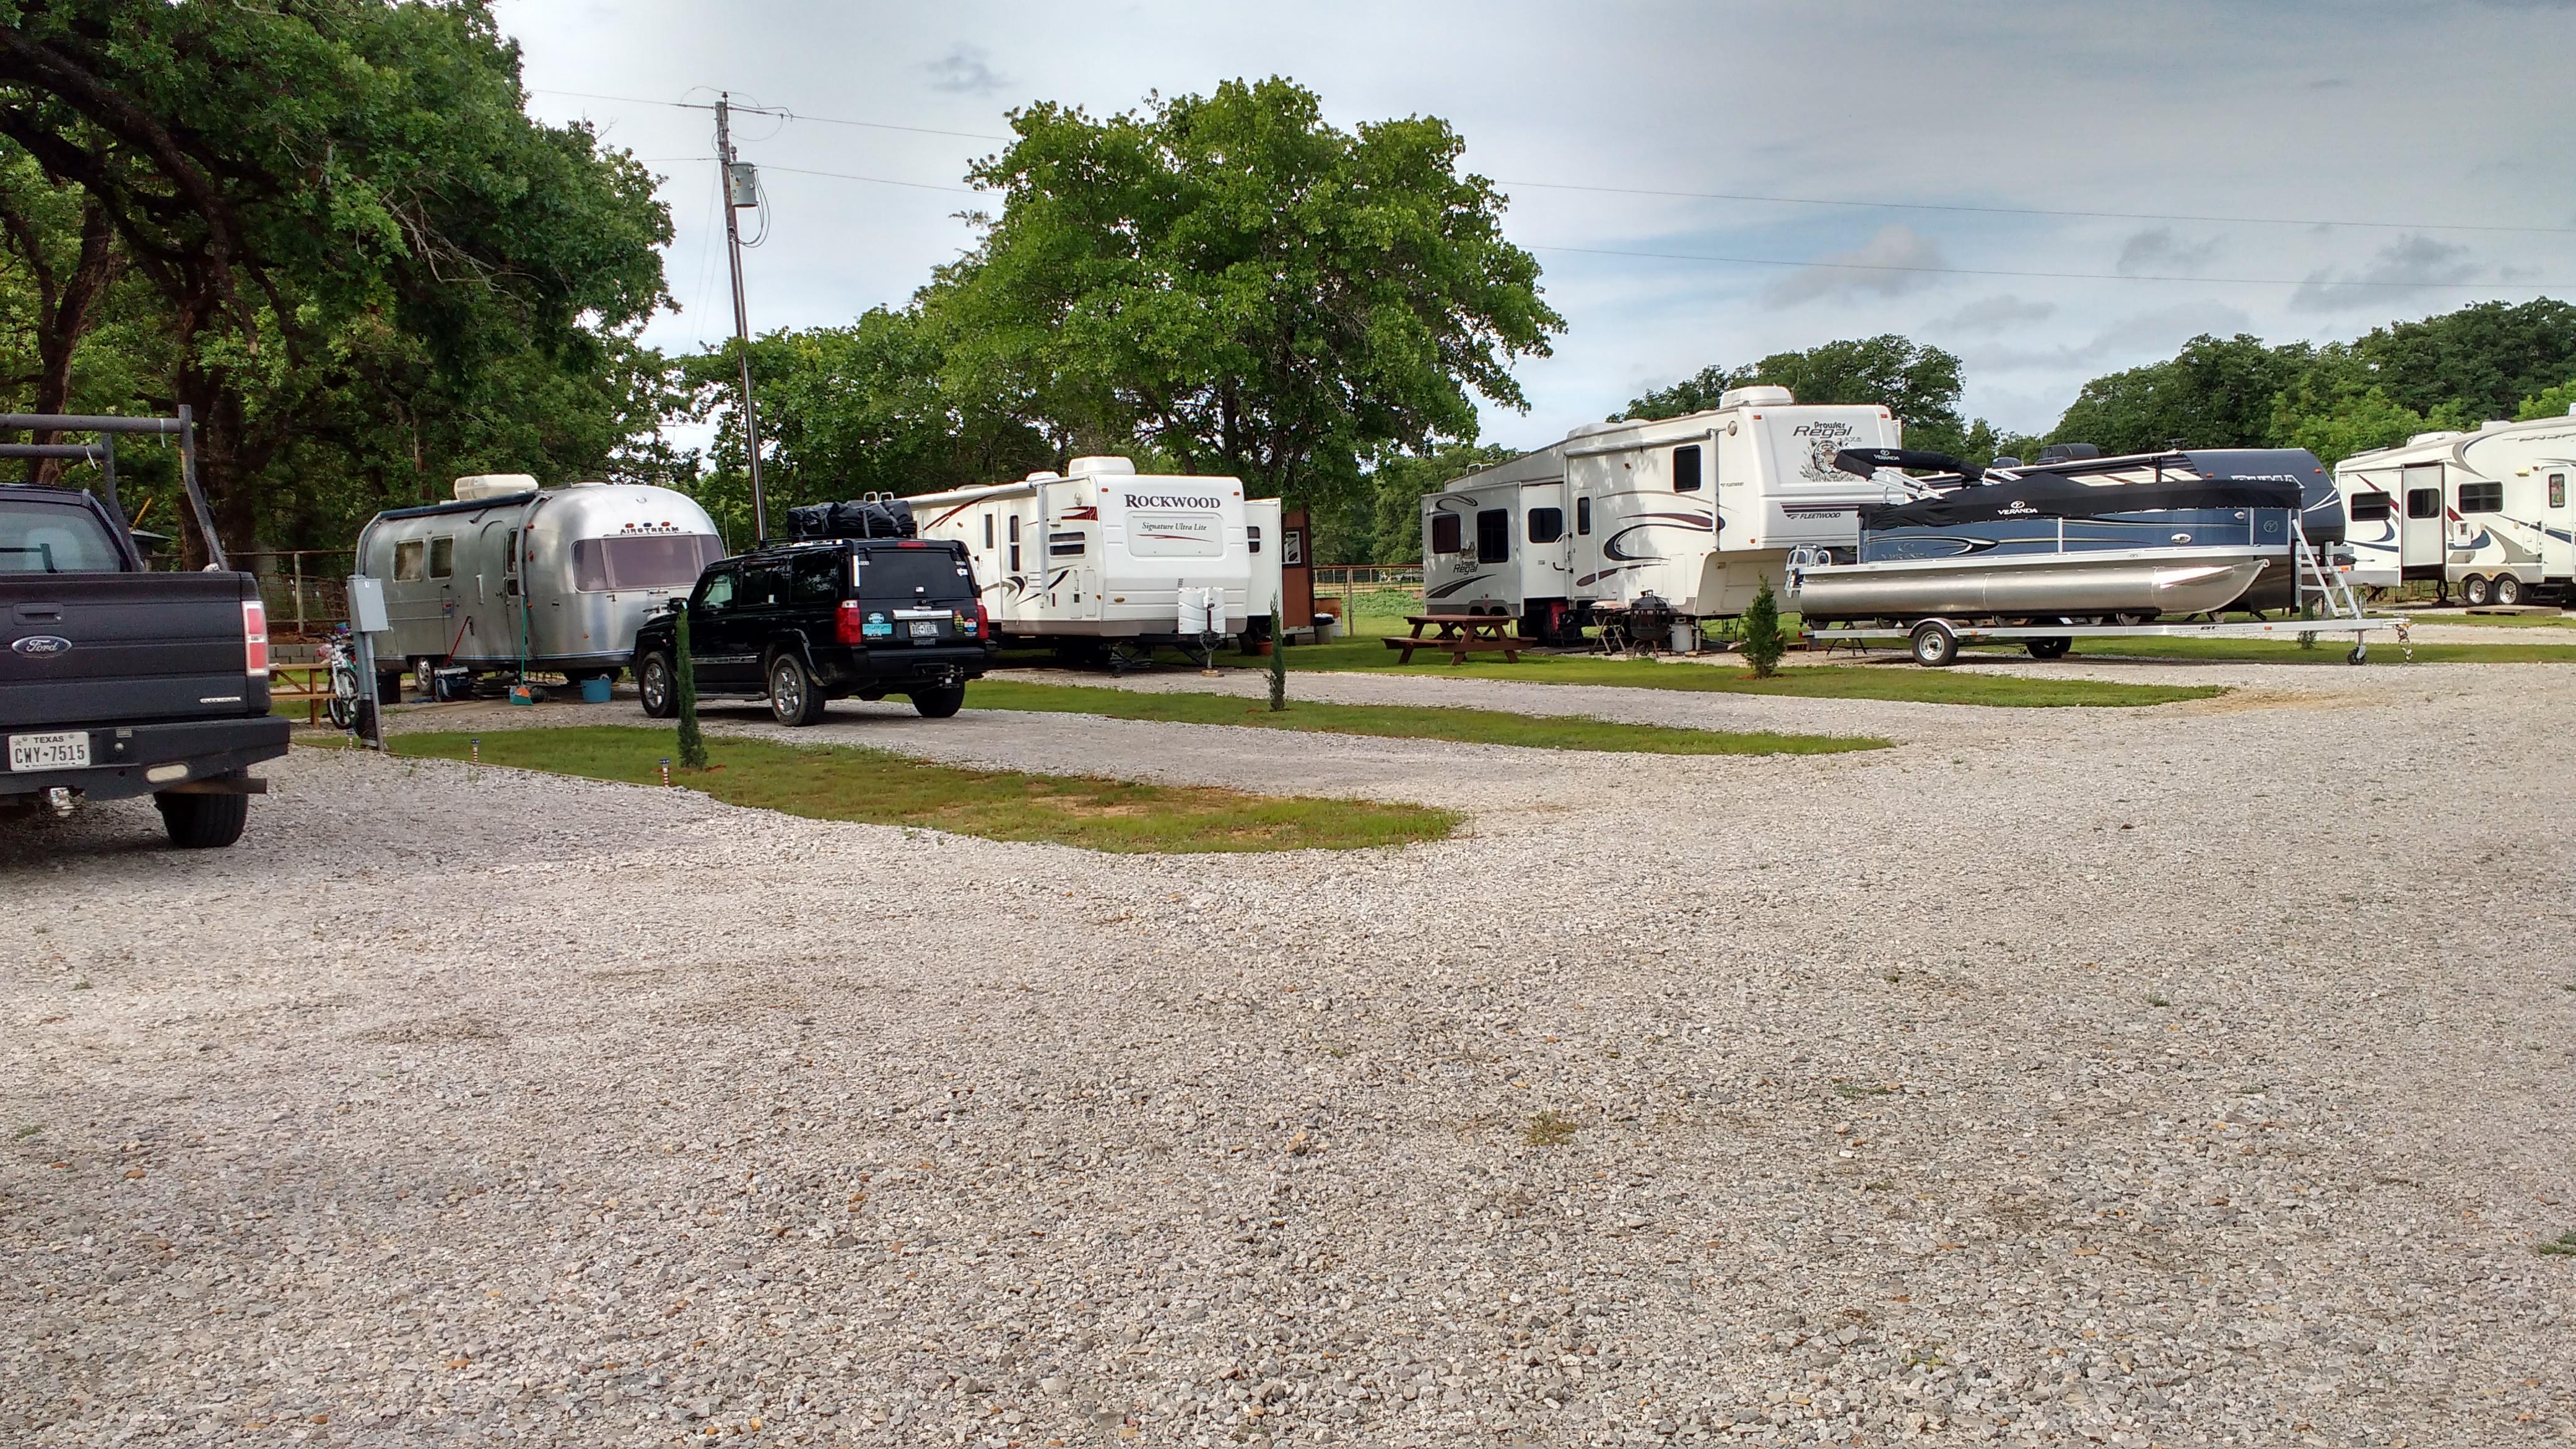 Comanche Rv Parks Reviews And Photos Rvparking Com